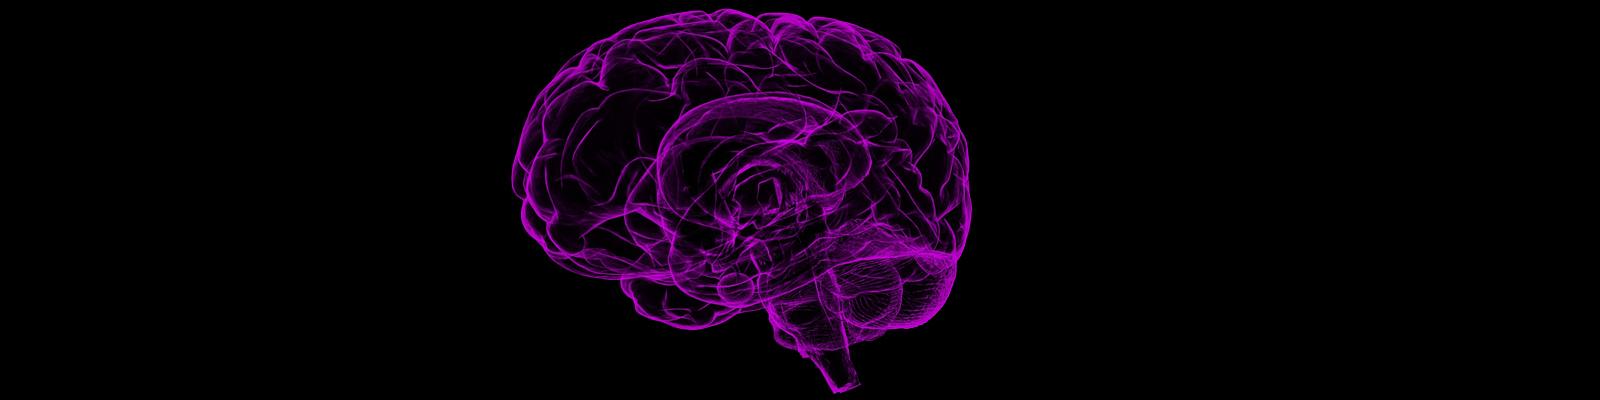 Especialidad - Neurología